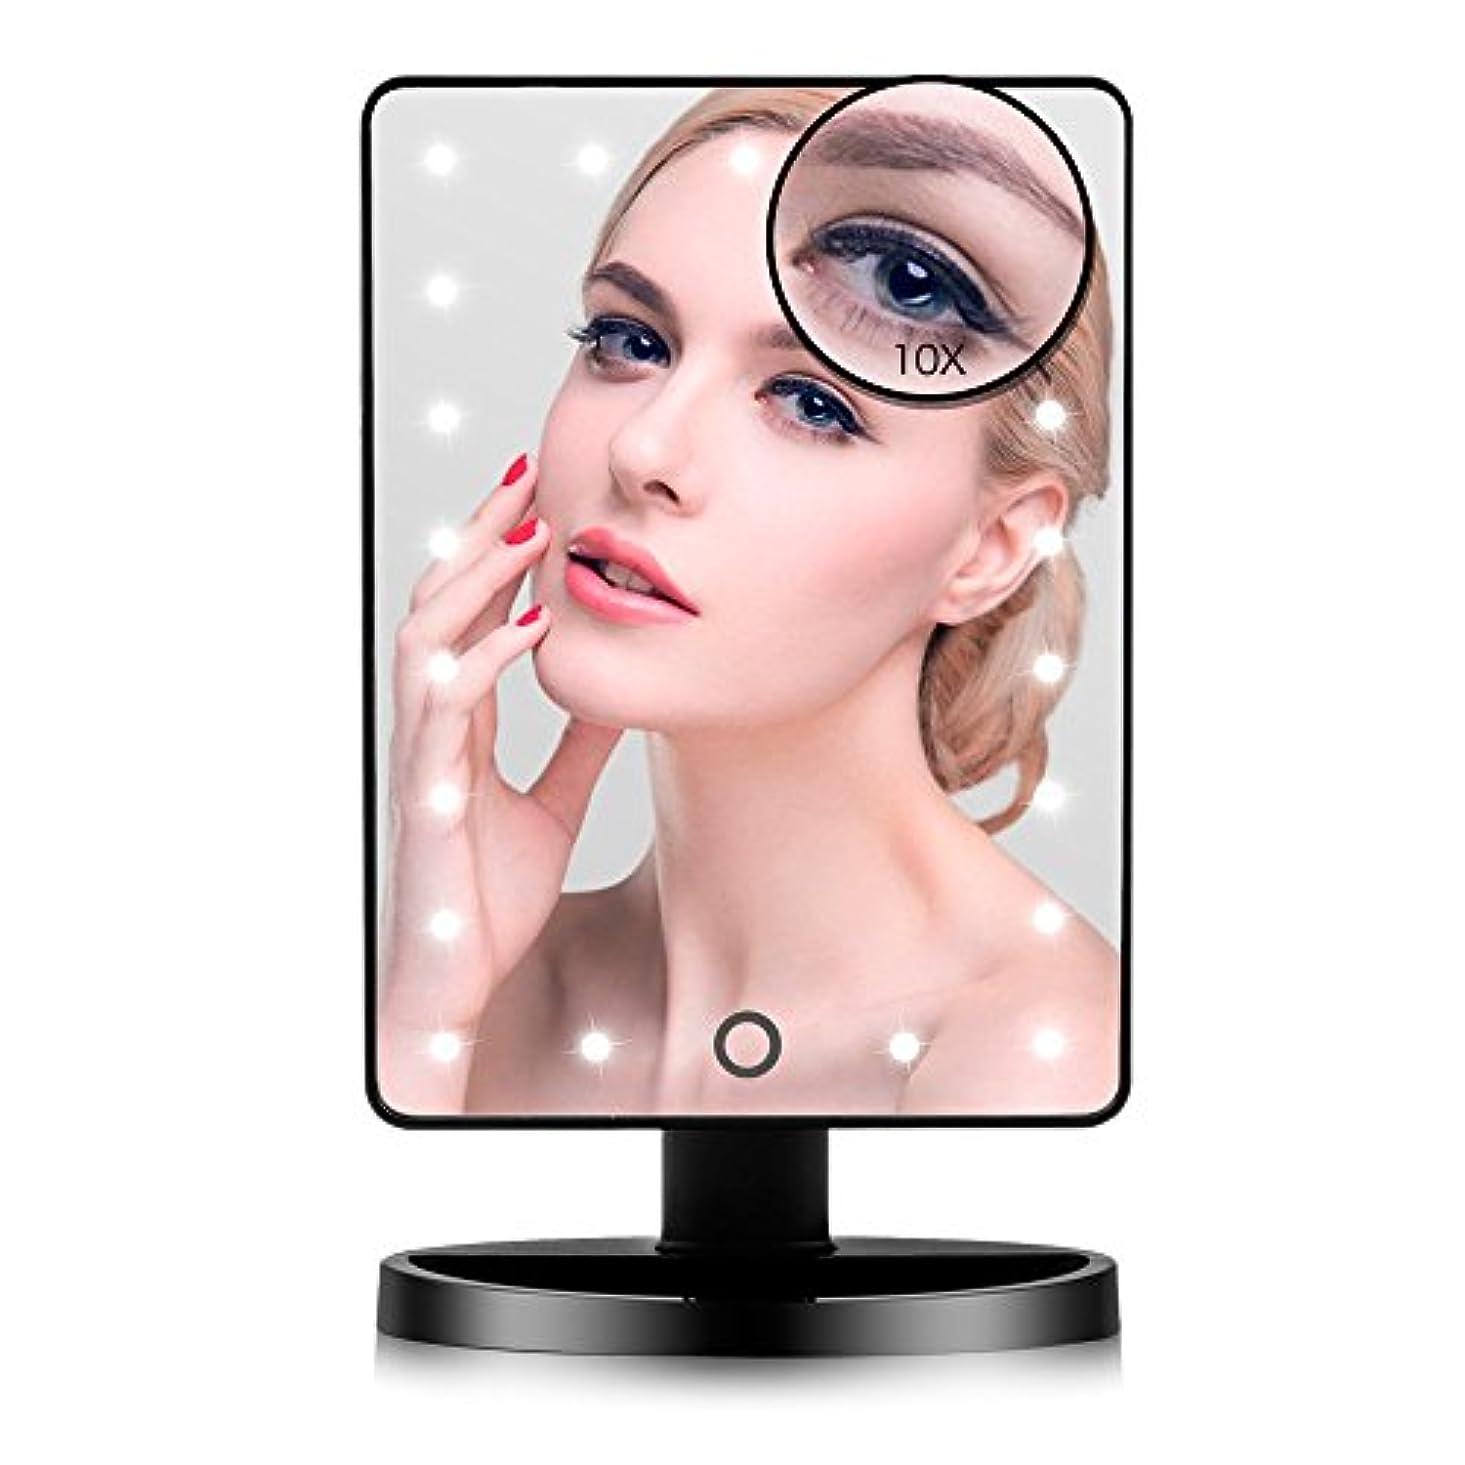 対話難破船プラットフォーム化粧鏡 卓上鏡 化粧ミラー 鏡 女優ミラー 卓上 21 led 拡大鏡 10倍 明るさ調節可能 180°回転 電池給電(Black)